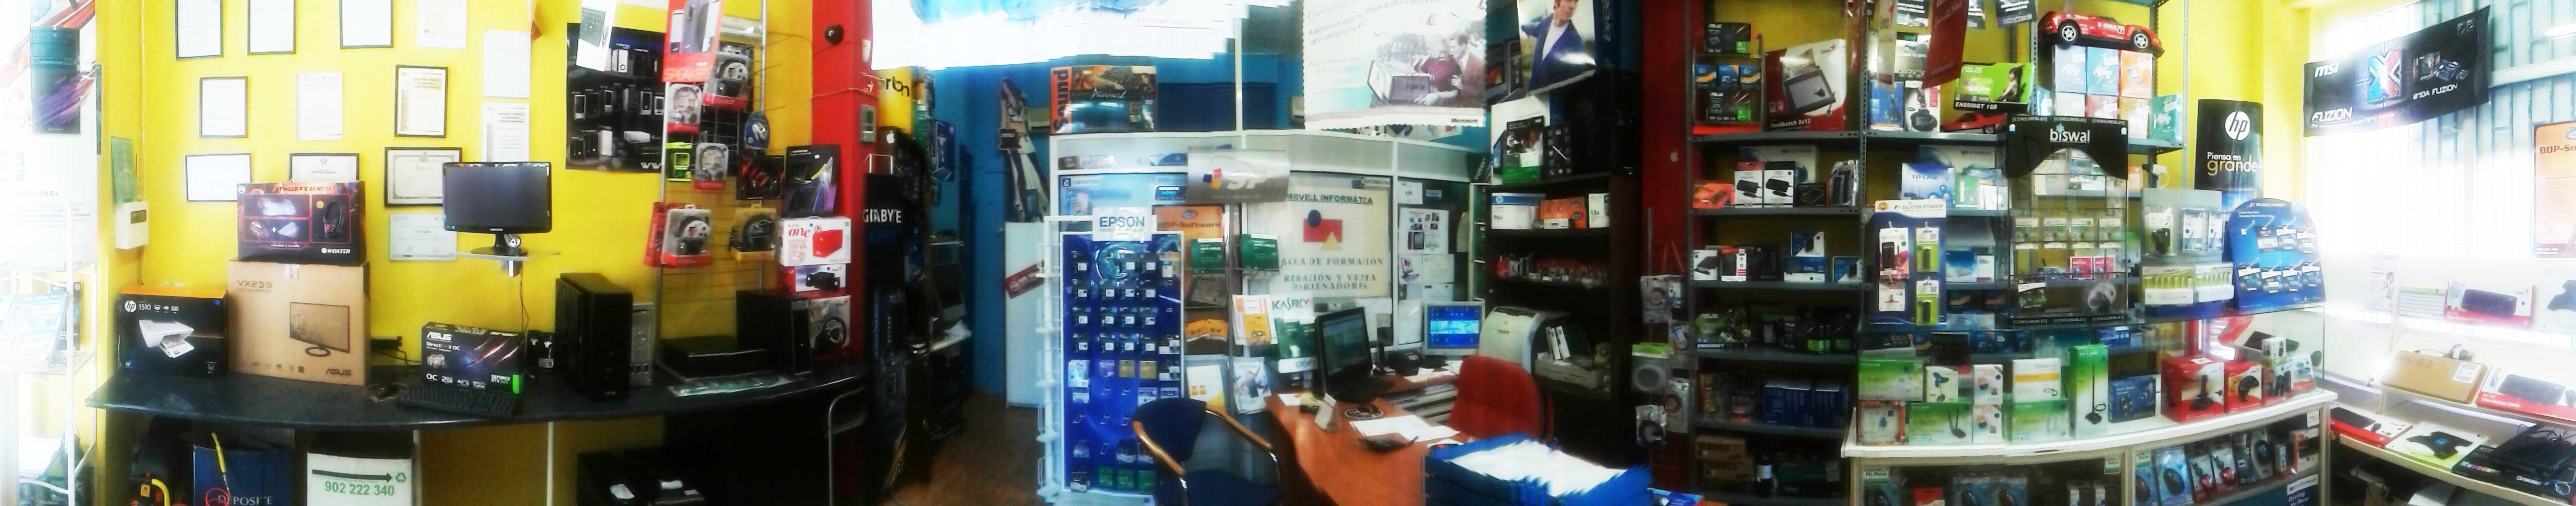 Tienda de Informatica Madrid Barrio de Salamanca